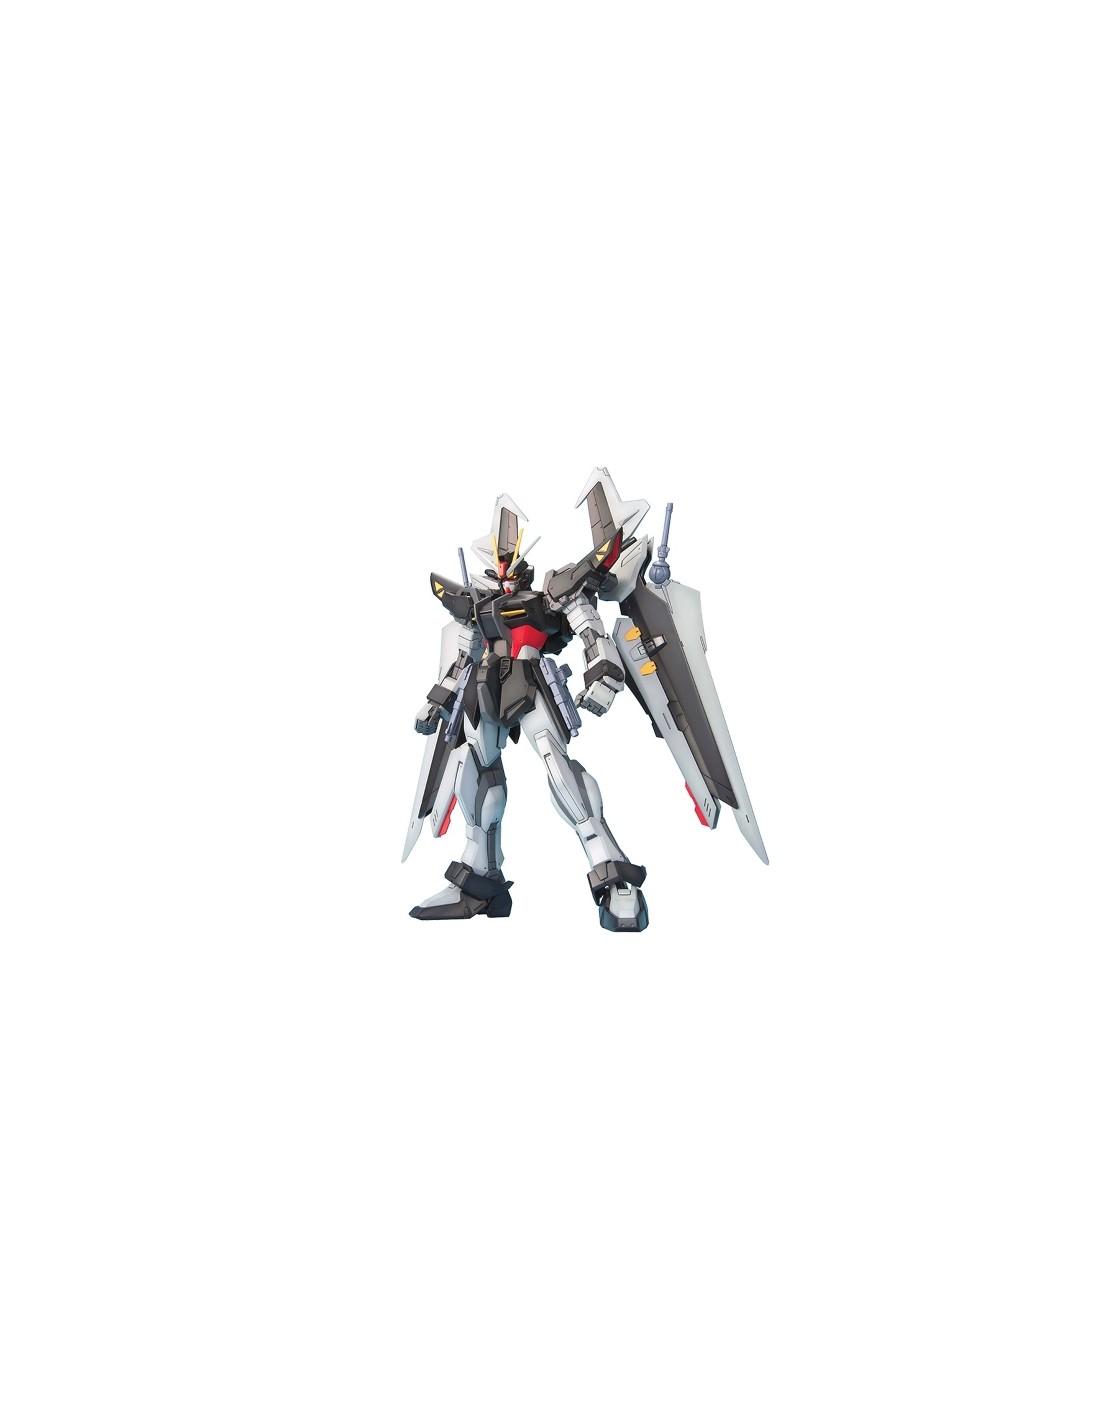 Bandai 0148997 1/100 MG Strike Noir Gundam